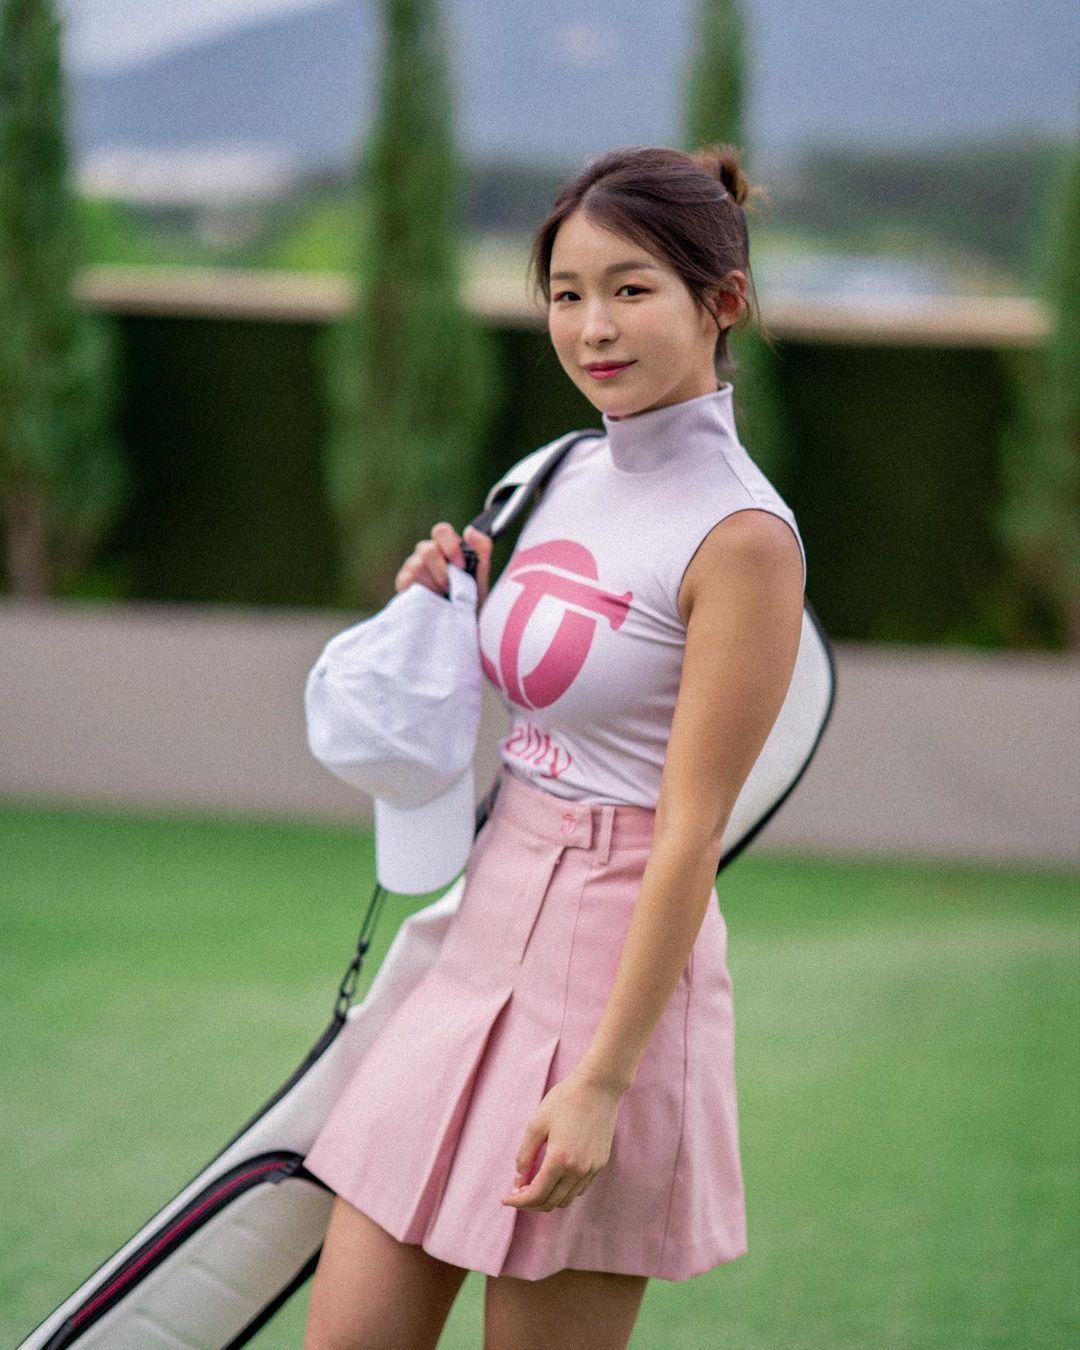 韩国高尔夫正妹Becky 狂吸 33 万粉丝好身材更让人心动 养眼图片 第5张